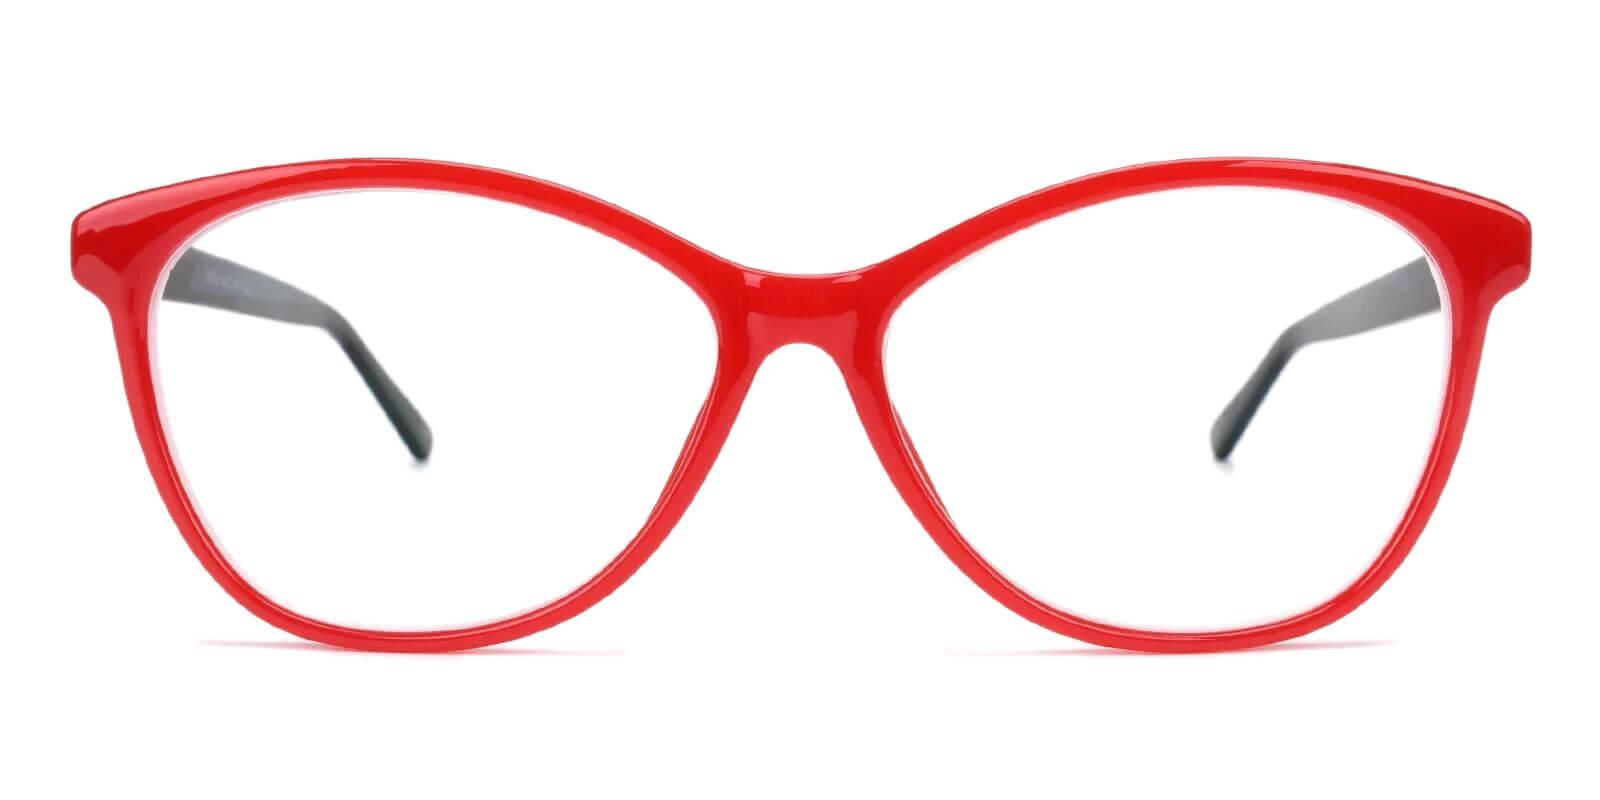 Lightworks Red Plastic Eyeglasses , UniversalBridgeFit Frames from ABBE Glasses